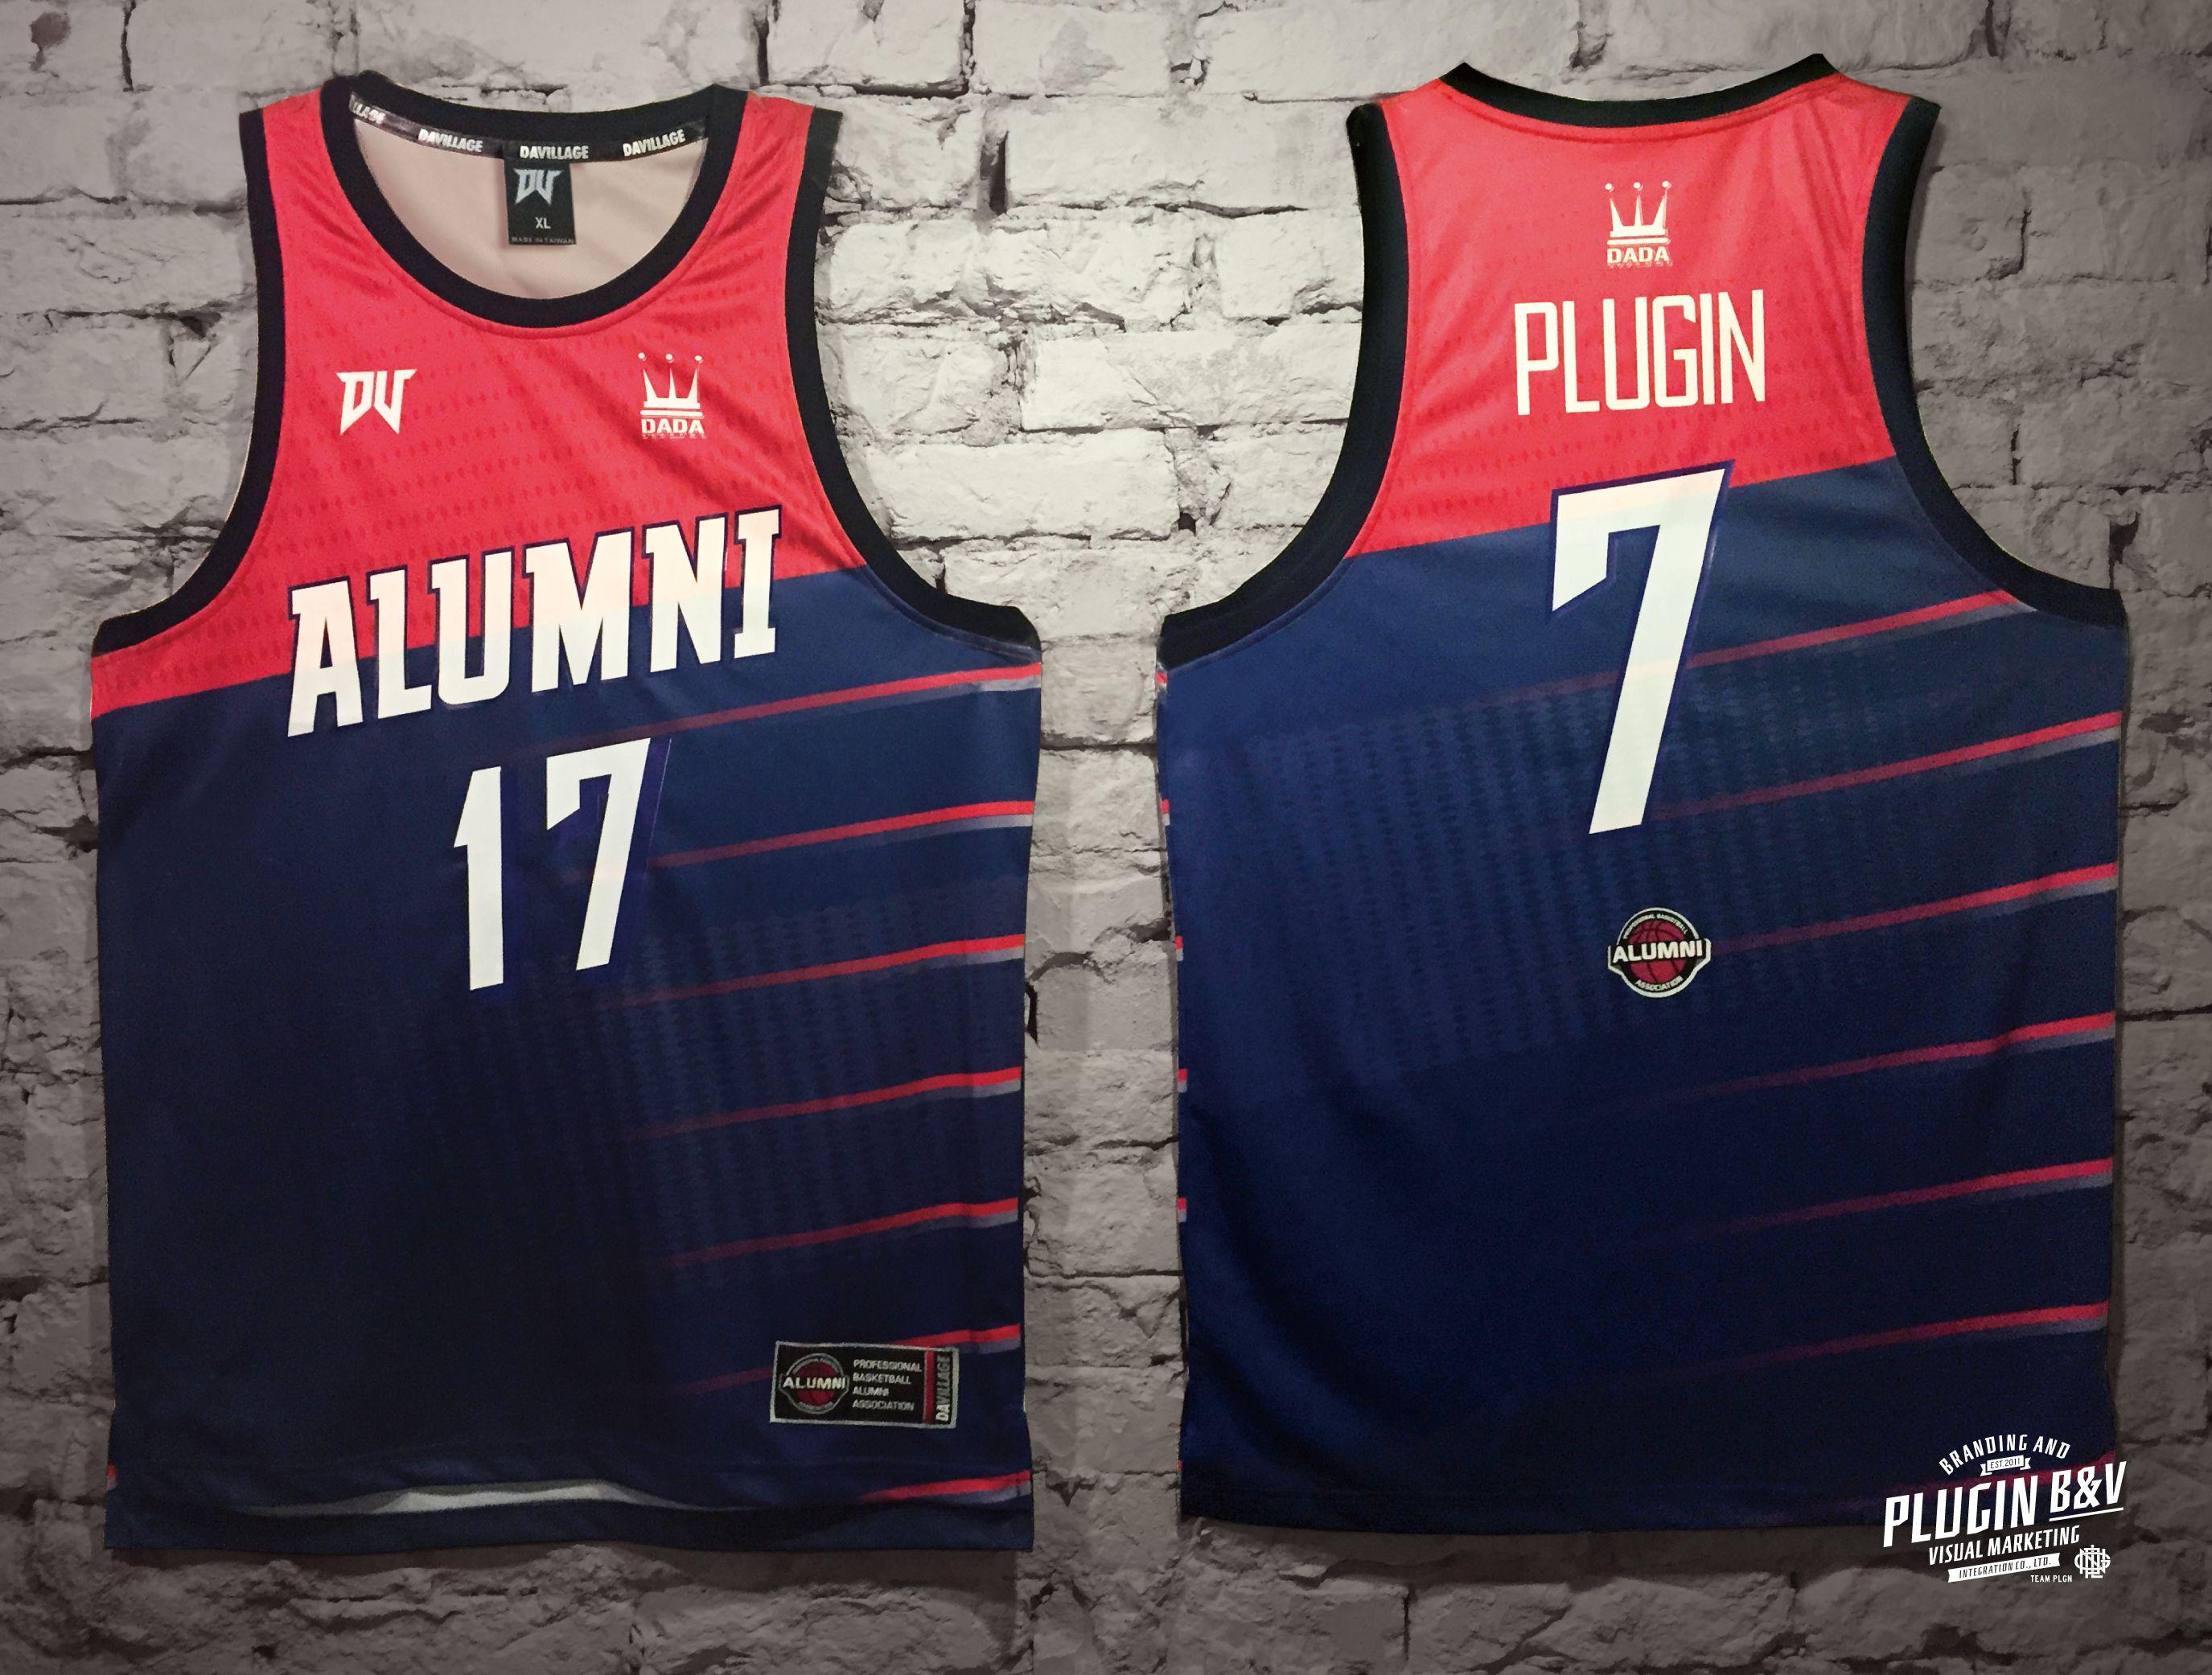 22a879ab Basketball Kit, Basketball Design, Basketball Birthday, Basketball Video  Games, Basketball Shirts,